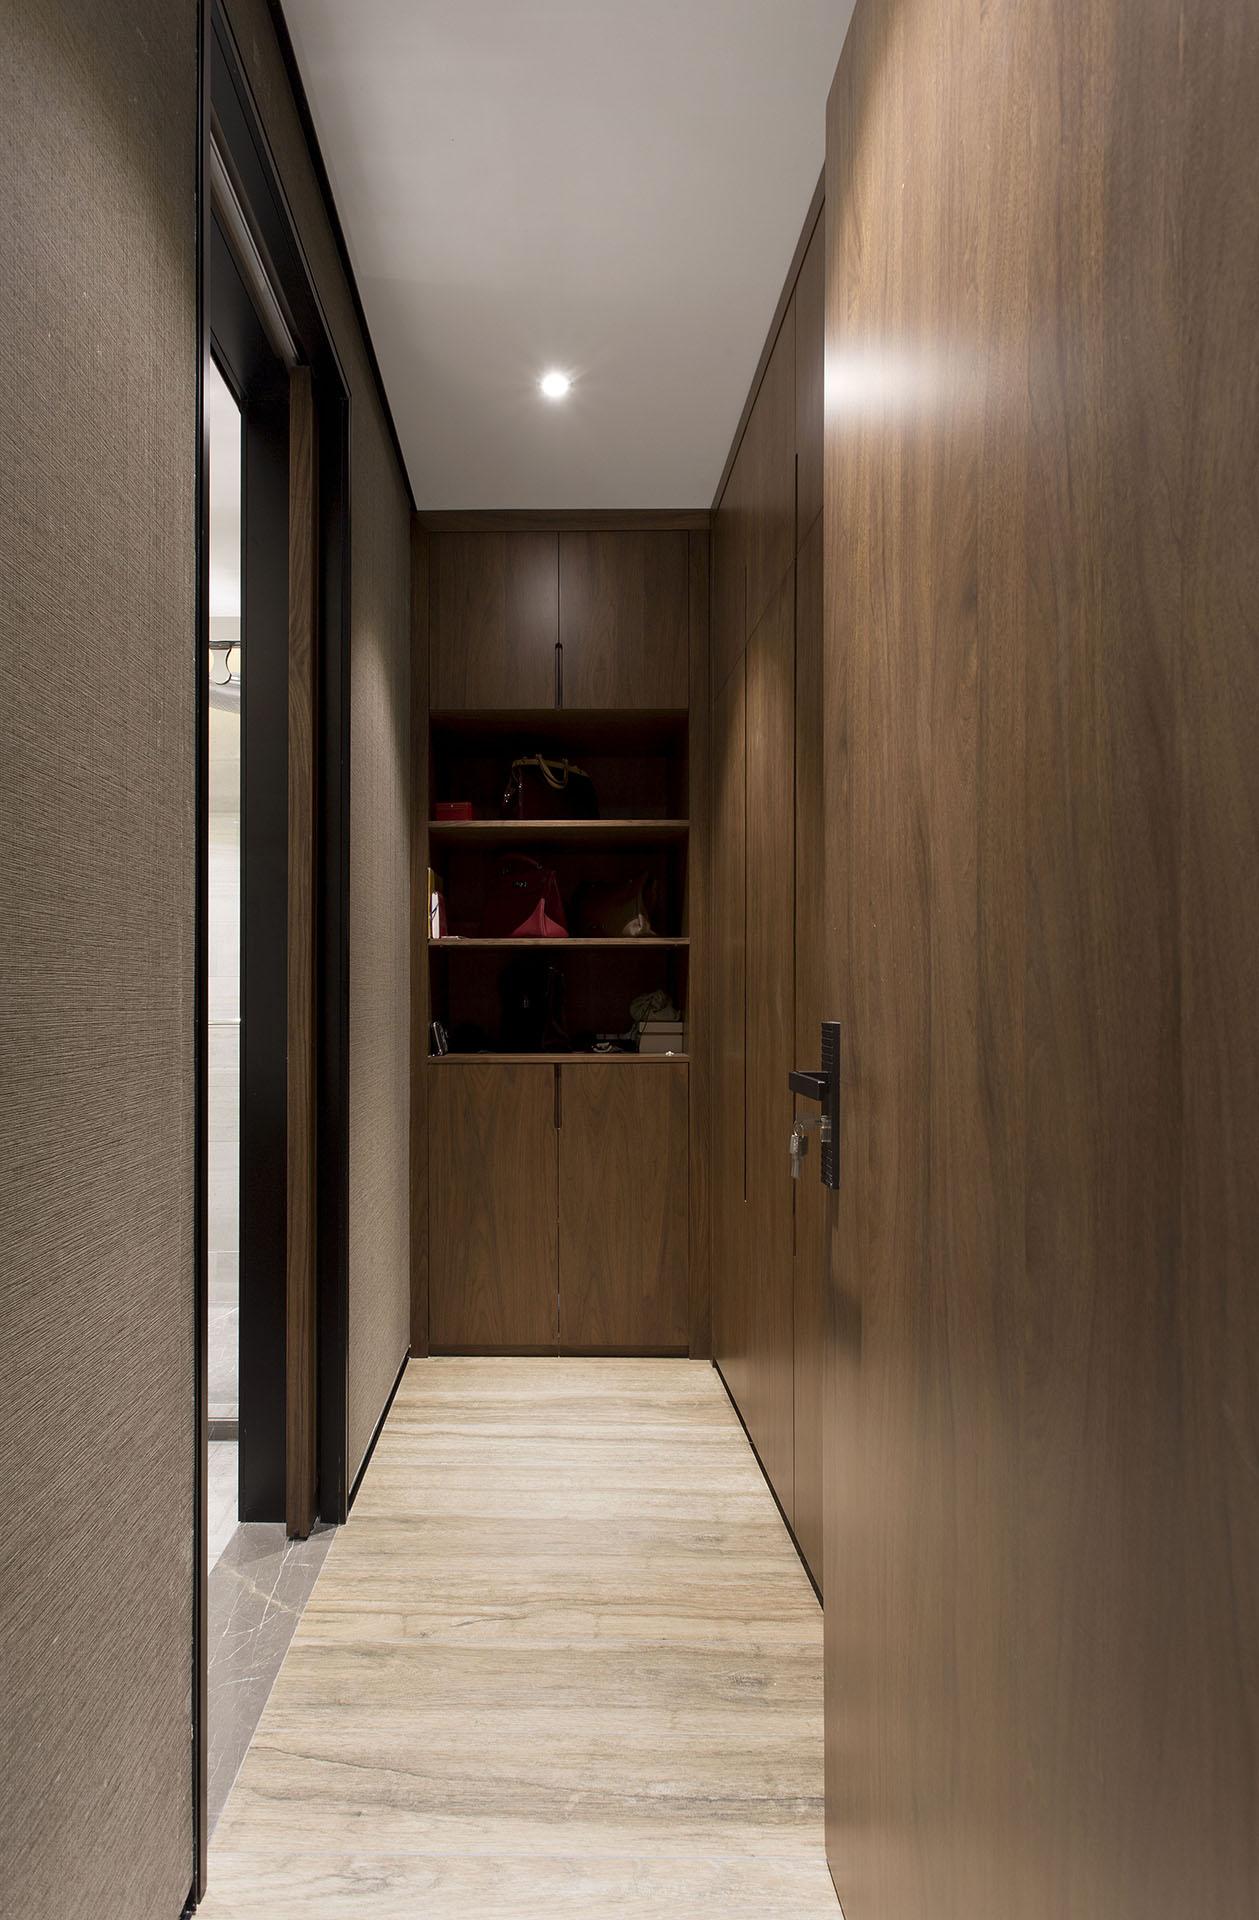 住宅空间:陋室铭-新中式-350M2